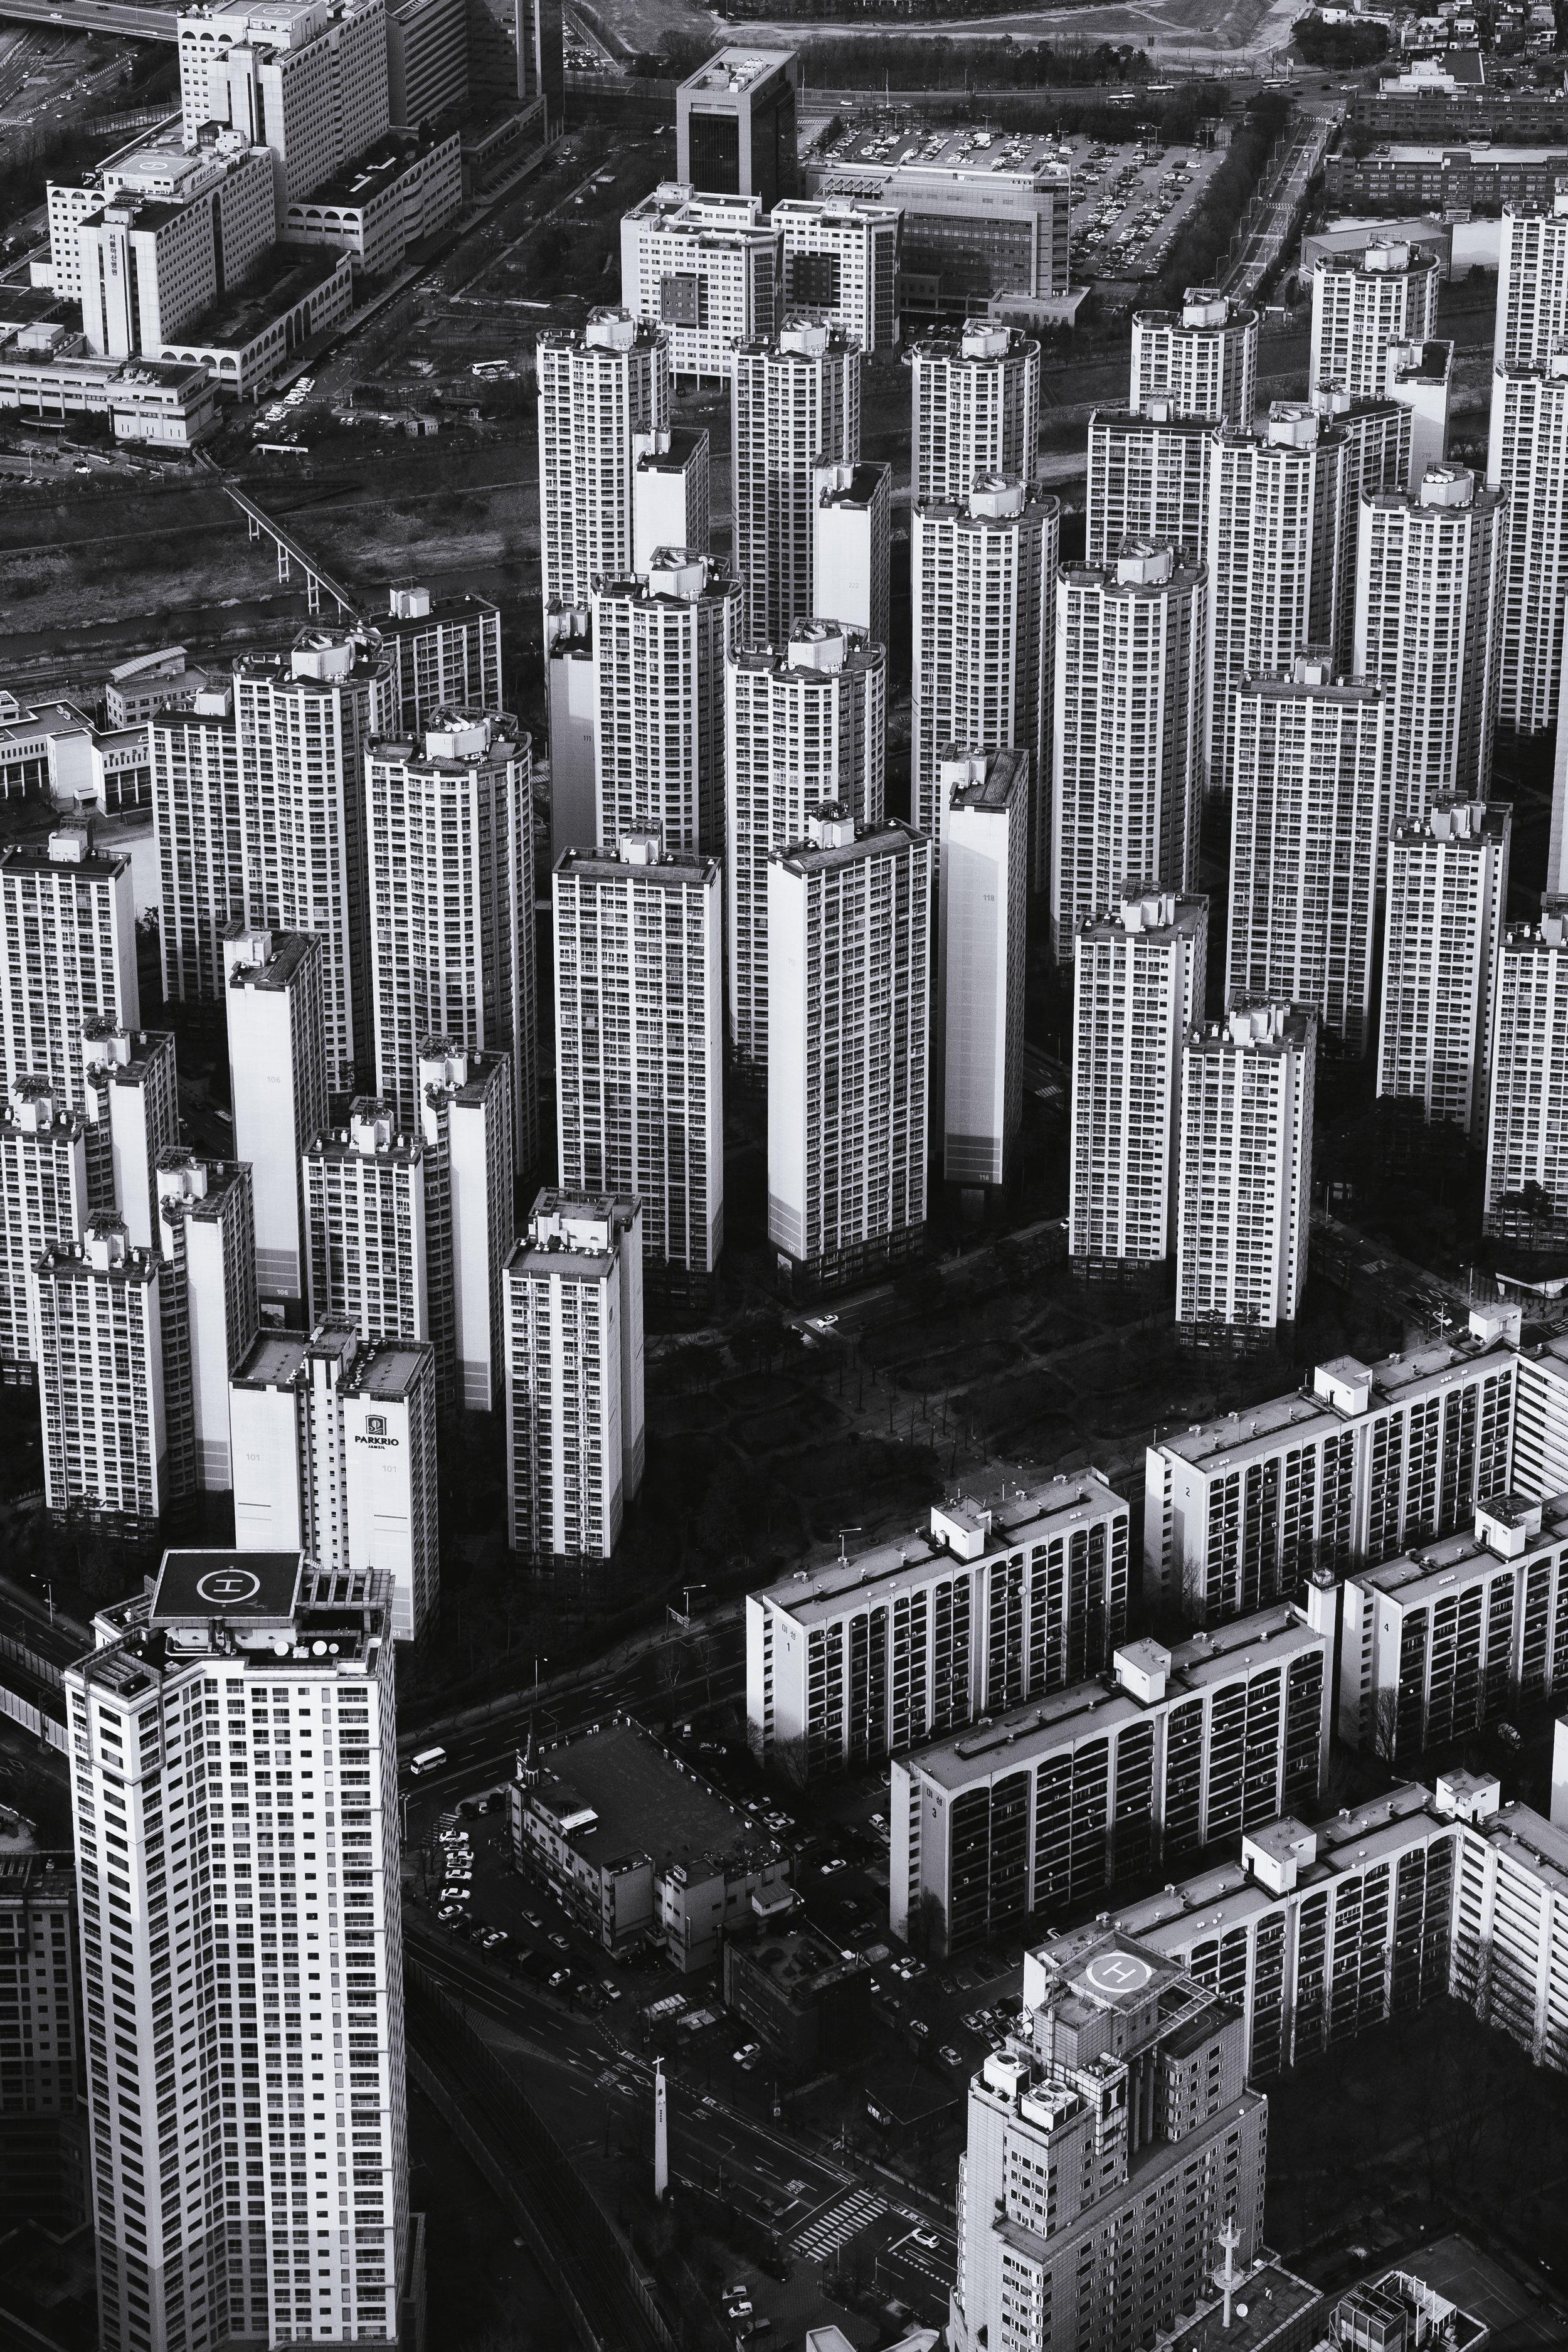 seoul-apartment-blocks.jpg